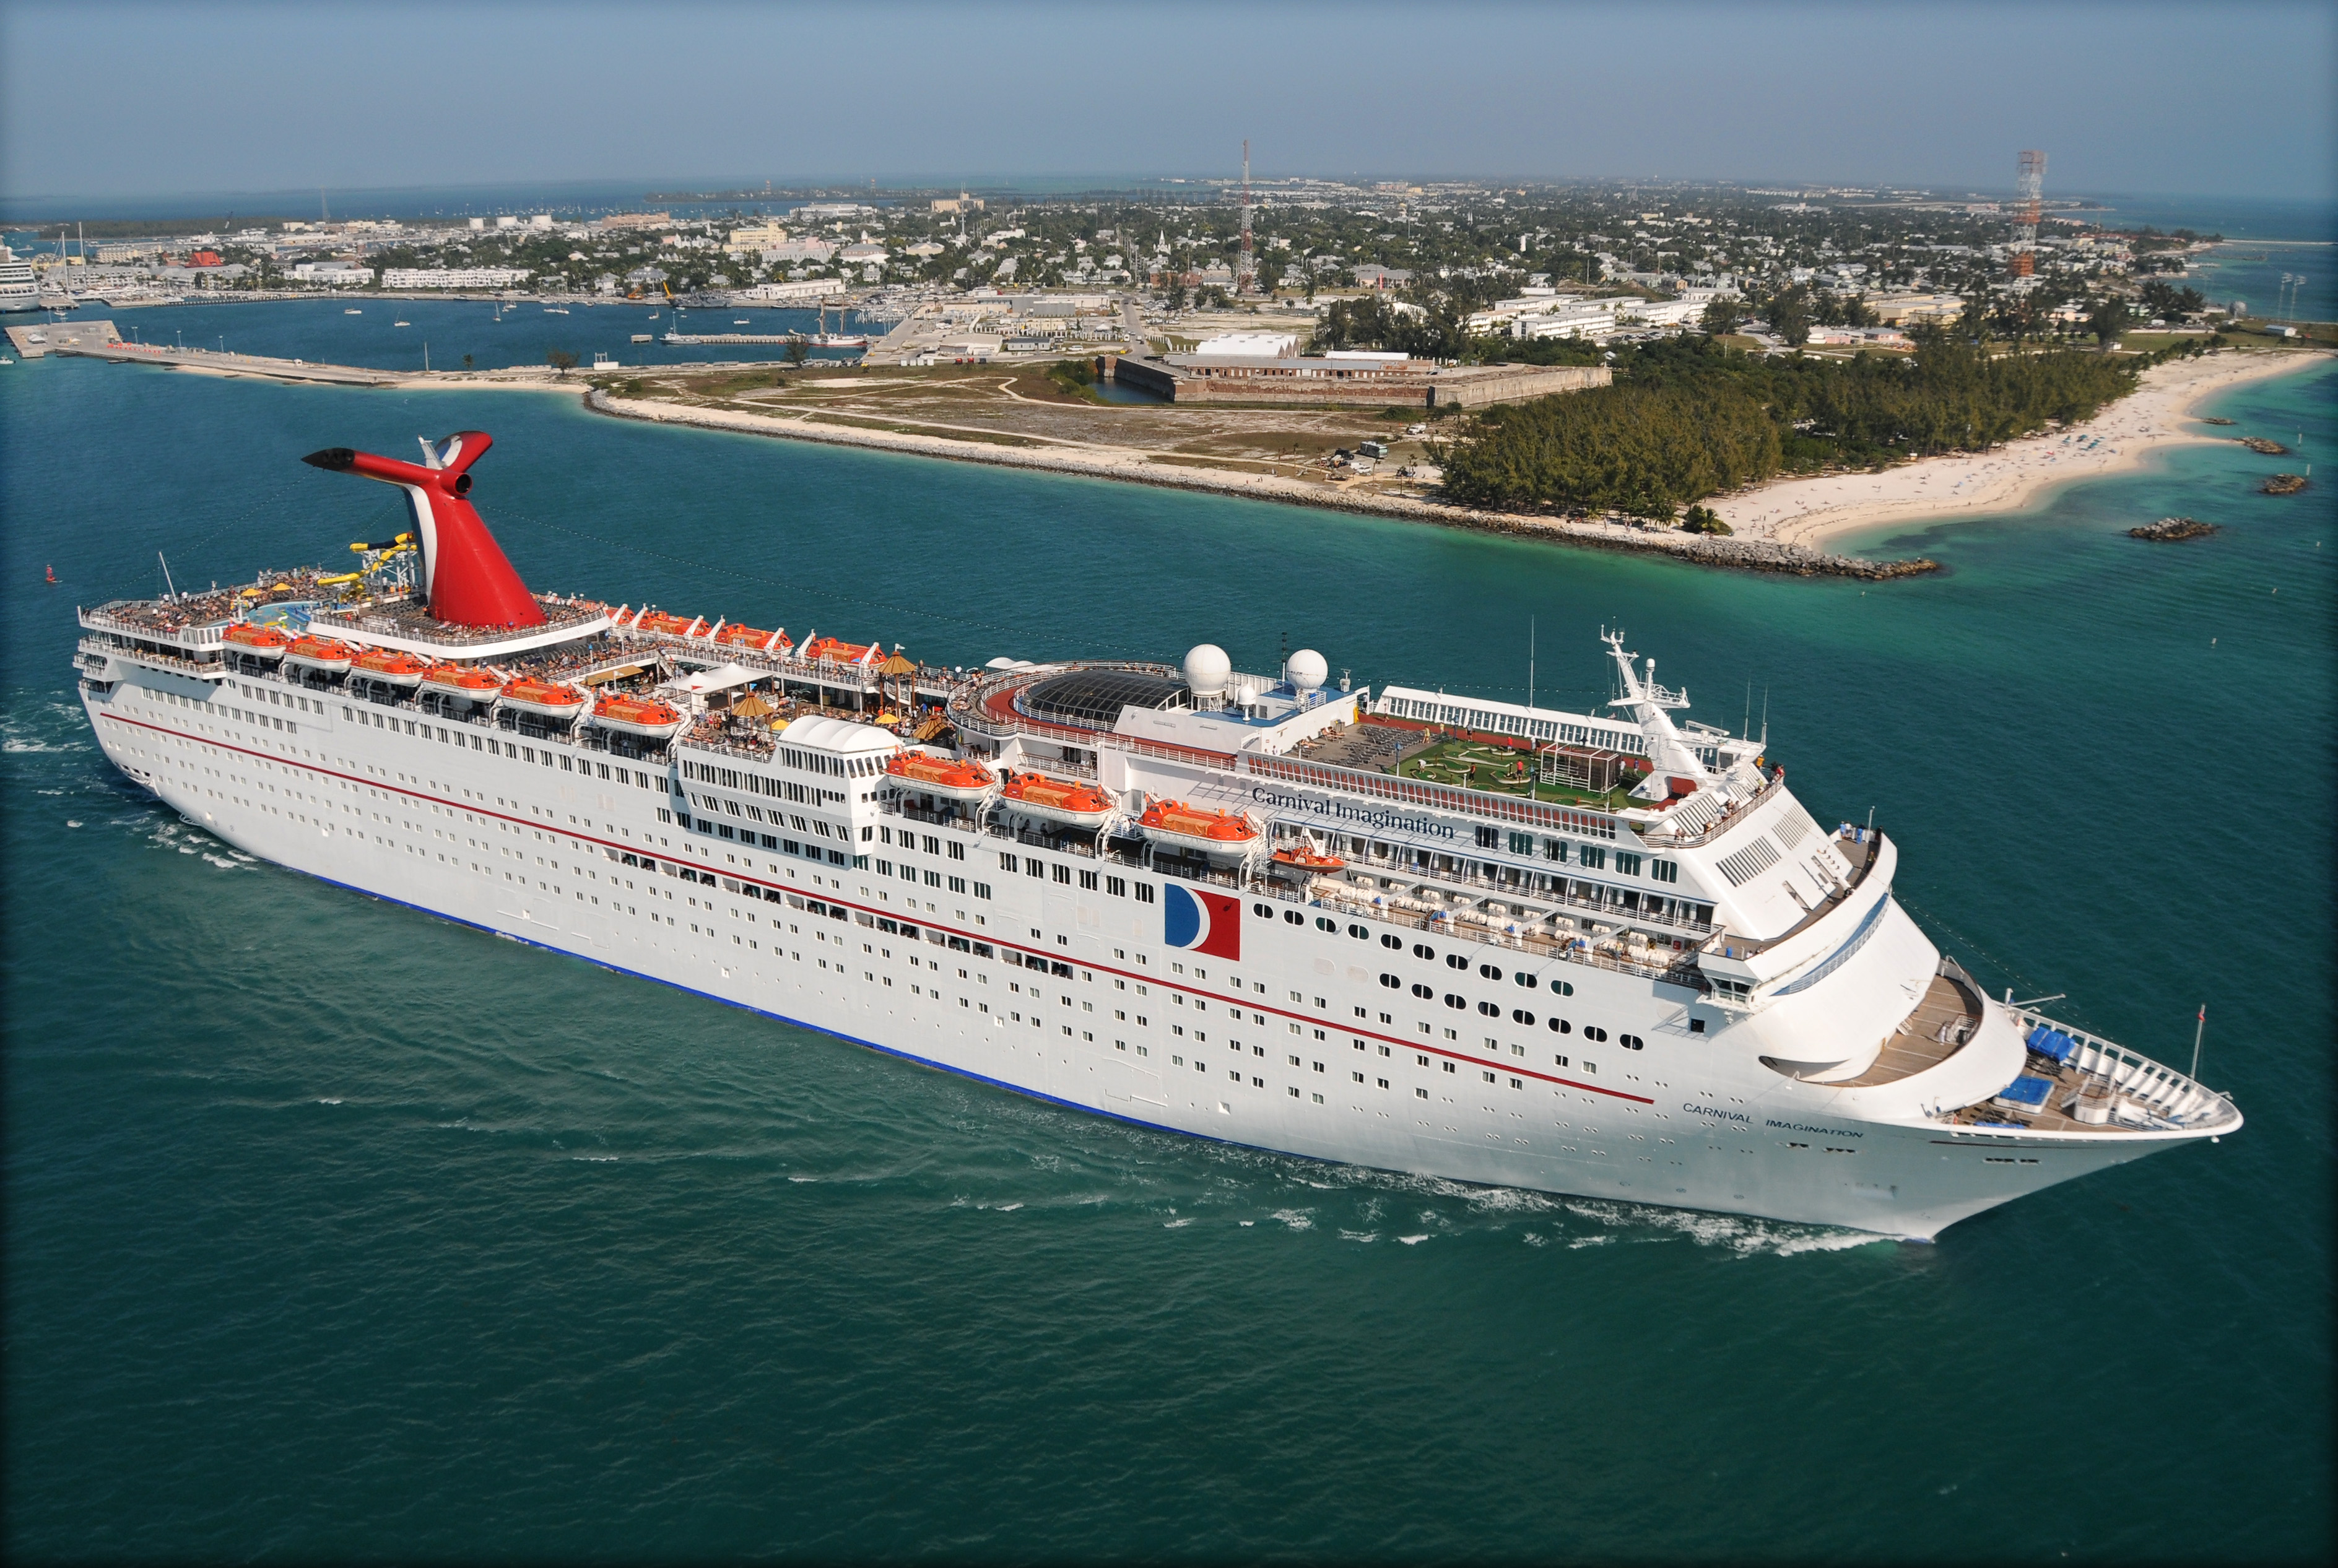 Carnival+cruise+ship+photos